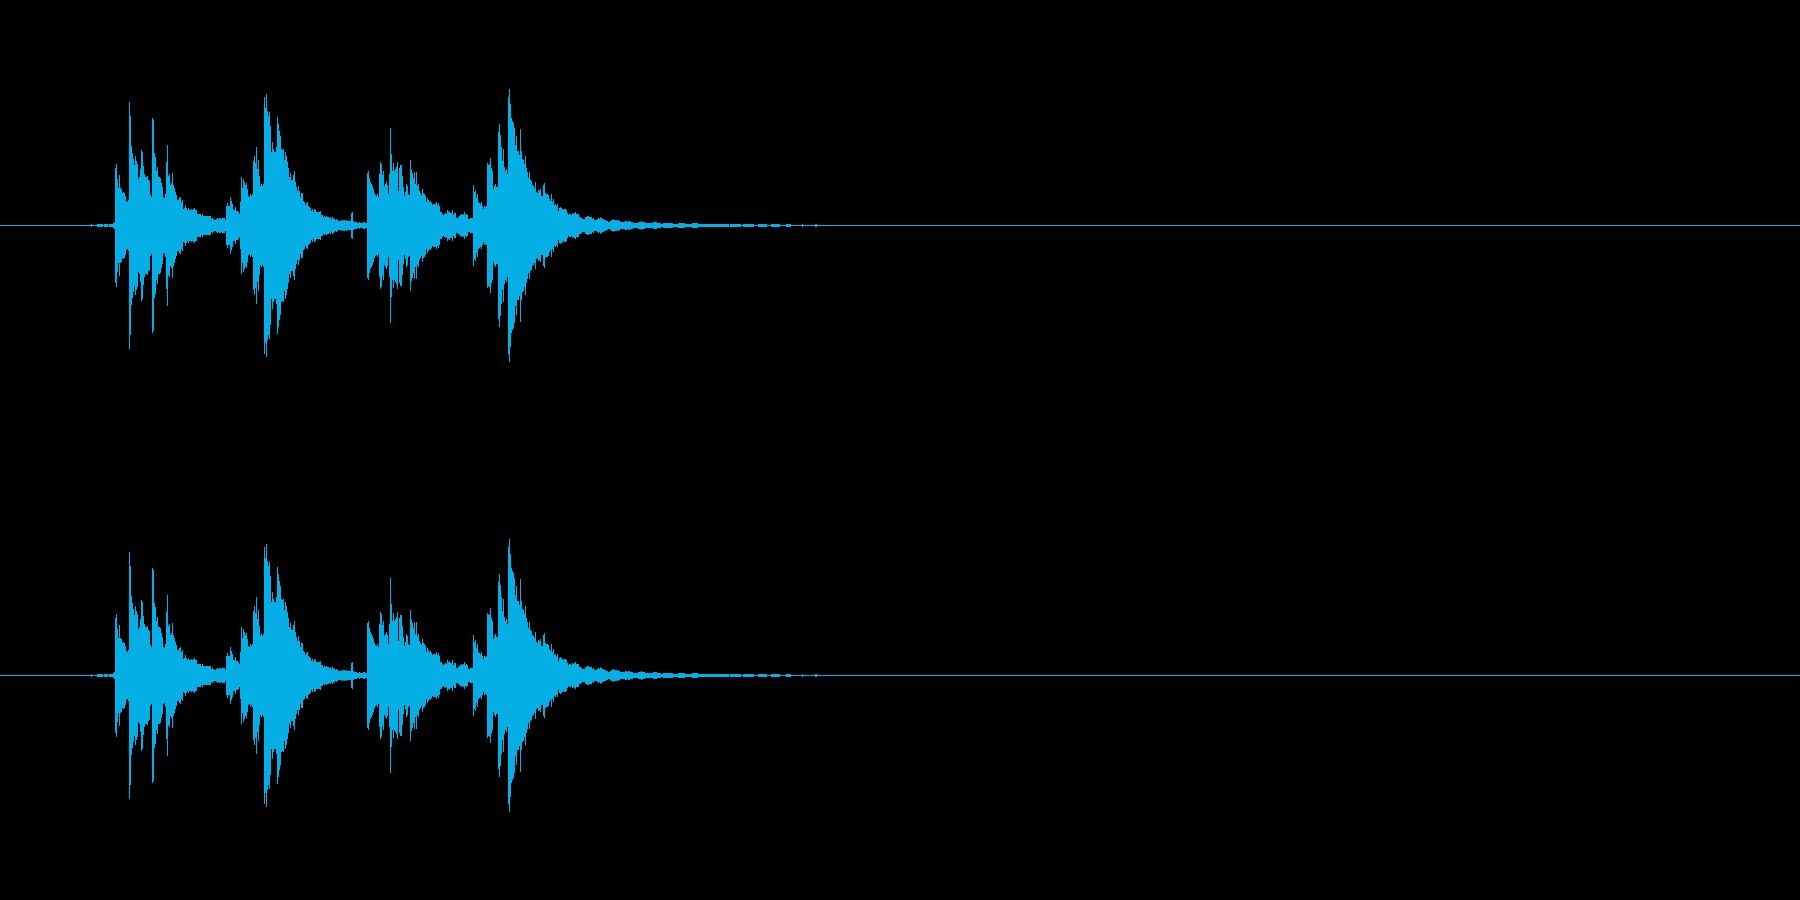 チリンチリーン1 自転車のベルの再生済みの波形